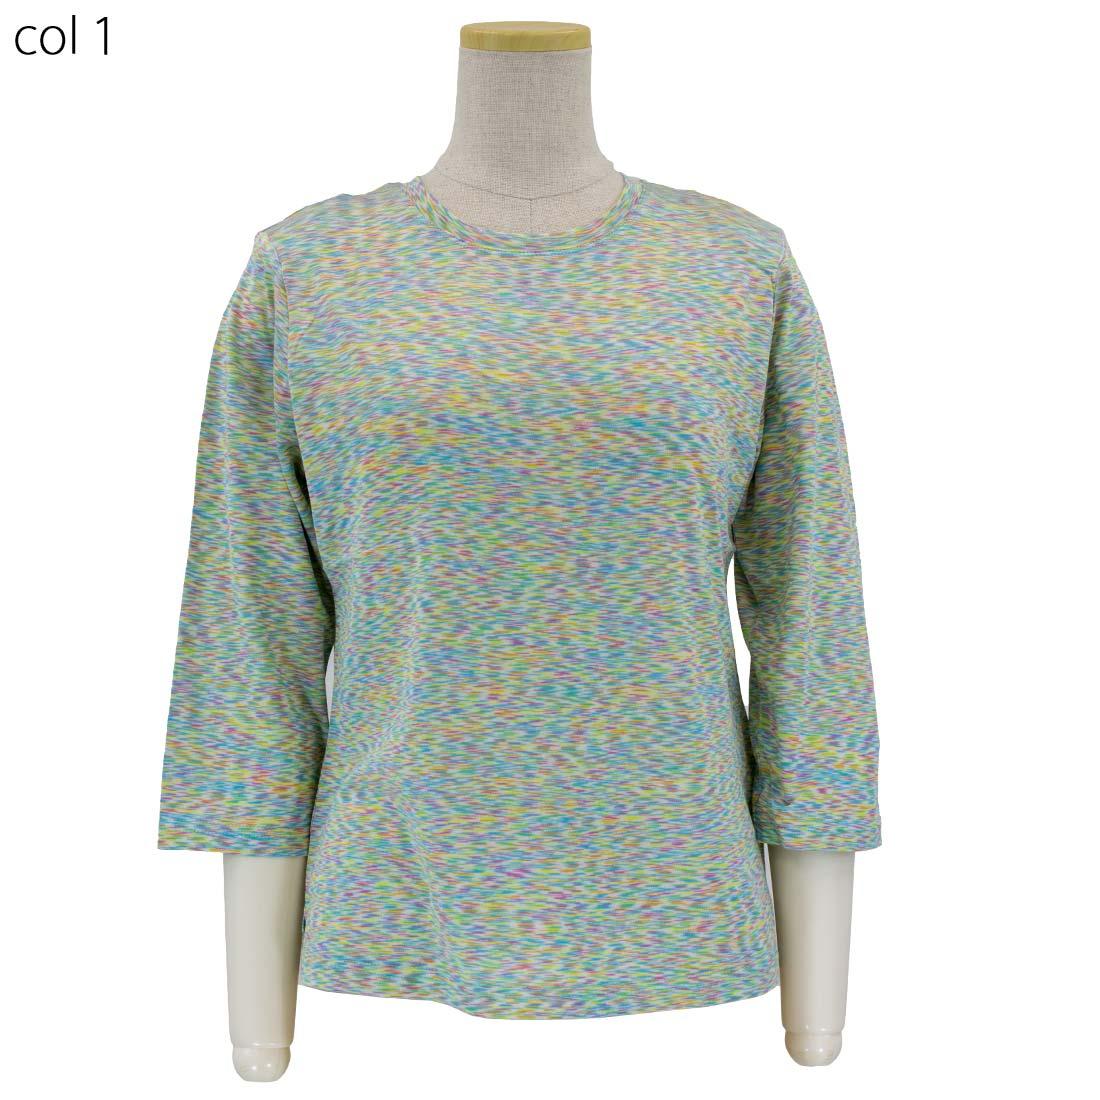 レディース シニアファッション 婦人服■シルク ミックス かすり染め 7分袖 T シャツ カットソー